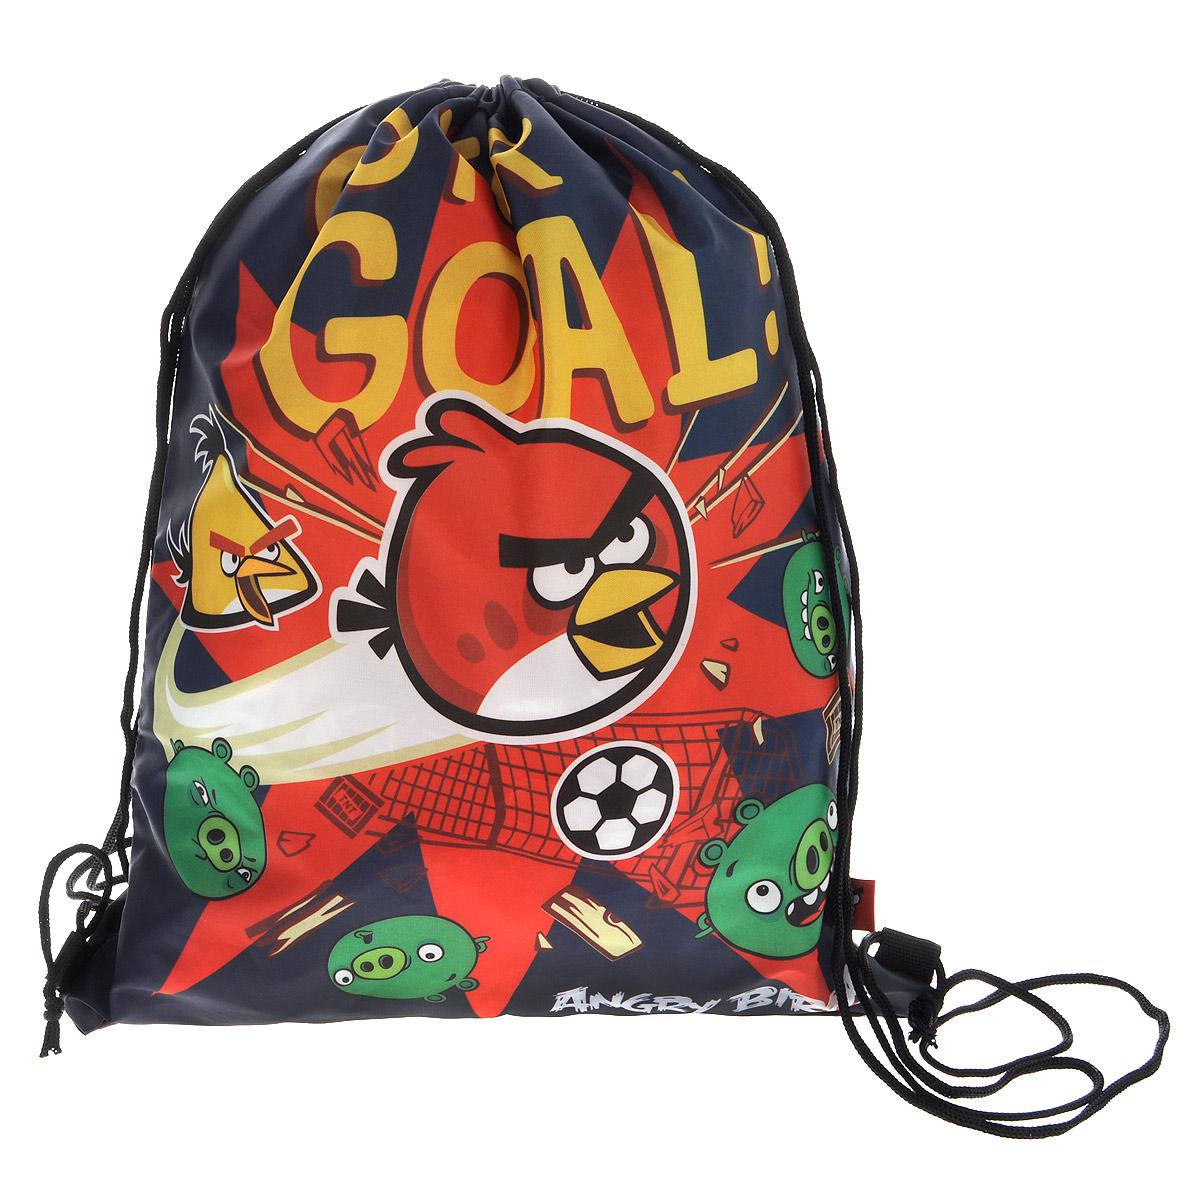 Сумка для сменной обуви Angry Birds, цвет: темно-синий, красныйABCB-UT1-883Сумка для сменной обуви Angry Birds идеально подойдет как для хранения, так и для переноски сменной обуви и одежды. Сумка выполнена из прочного водонепроницаемого полиэстера и содержит одно вместительное отделение, затягивающееся с помощью текстильных шнурков. Шнурки фиксируются в нижней части сумки, благодаря чему ее можно носить за спиной как рюкзак. Оформлено изделие изображениями персонажей популярной видеоигры Angry Birds. Ваш ребенок с радостью будет ходить с таким аксессуаром в школу.